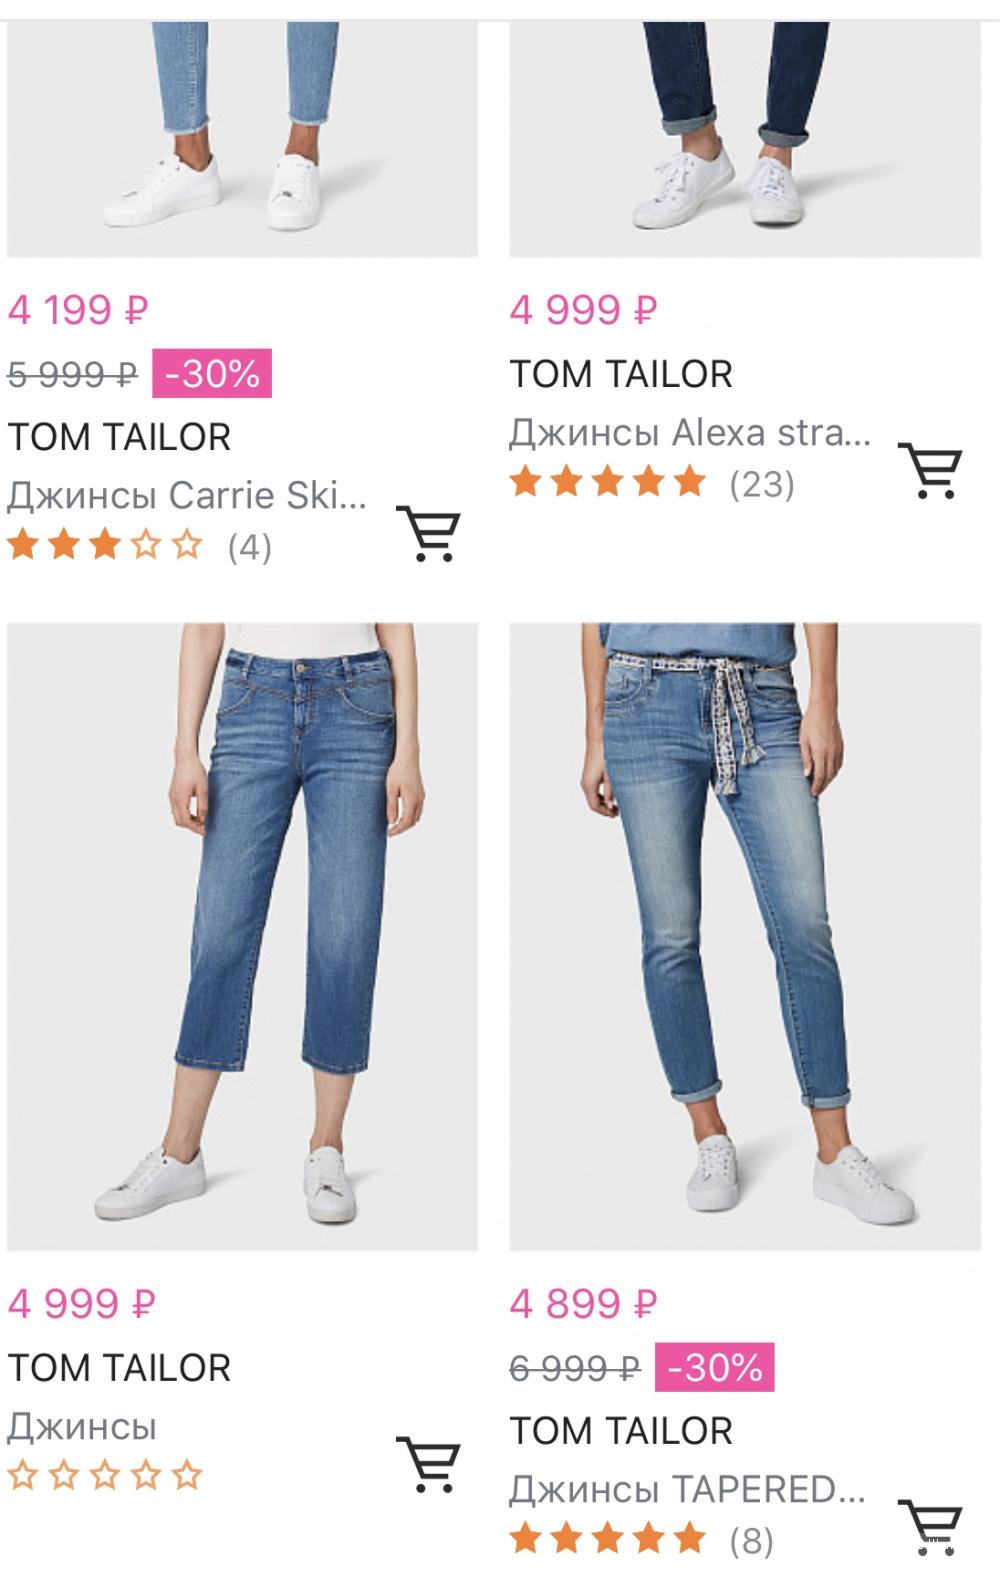 Джинсы/ брюки Tom Tailor, L